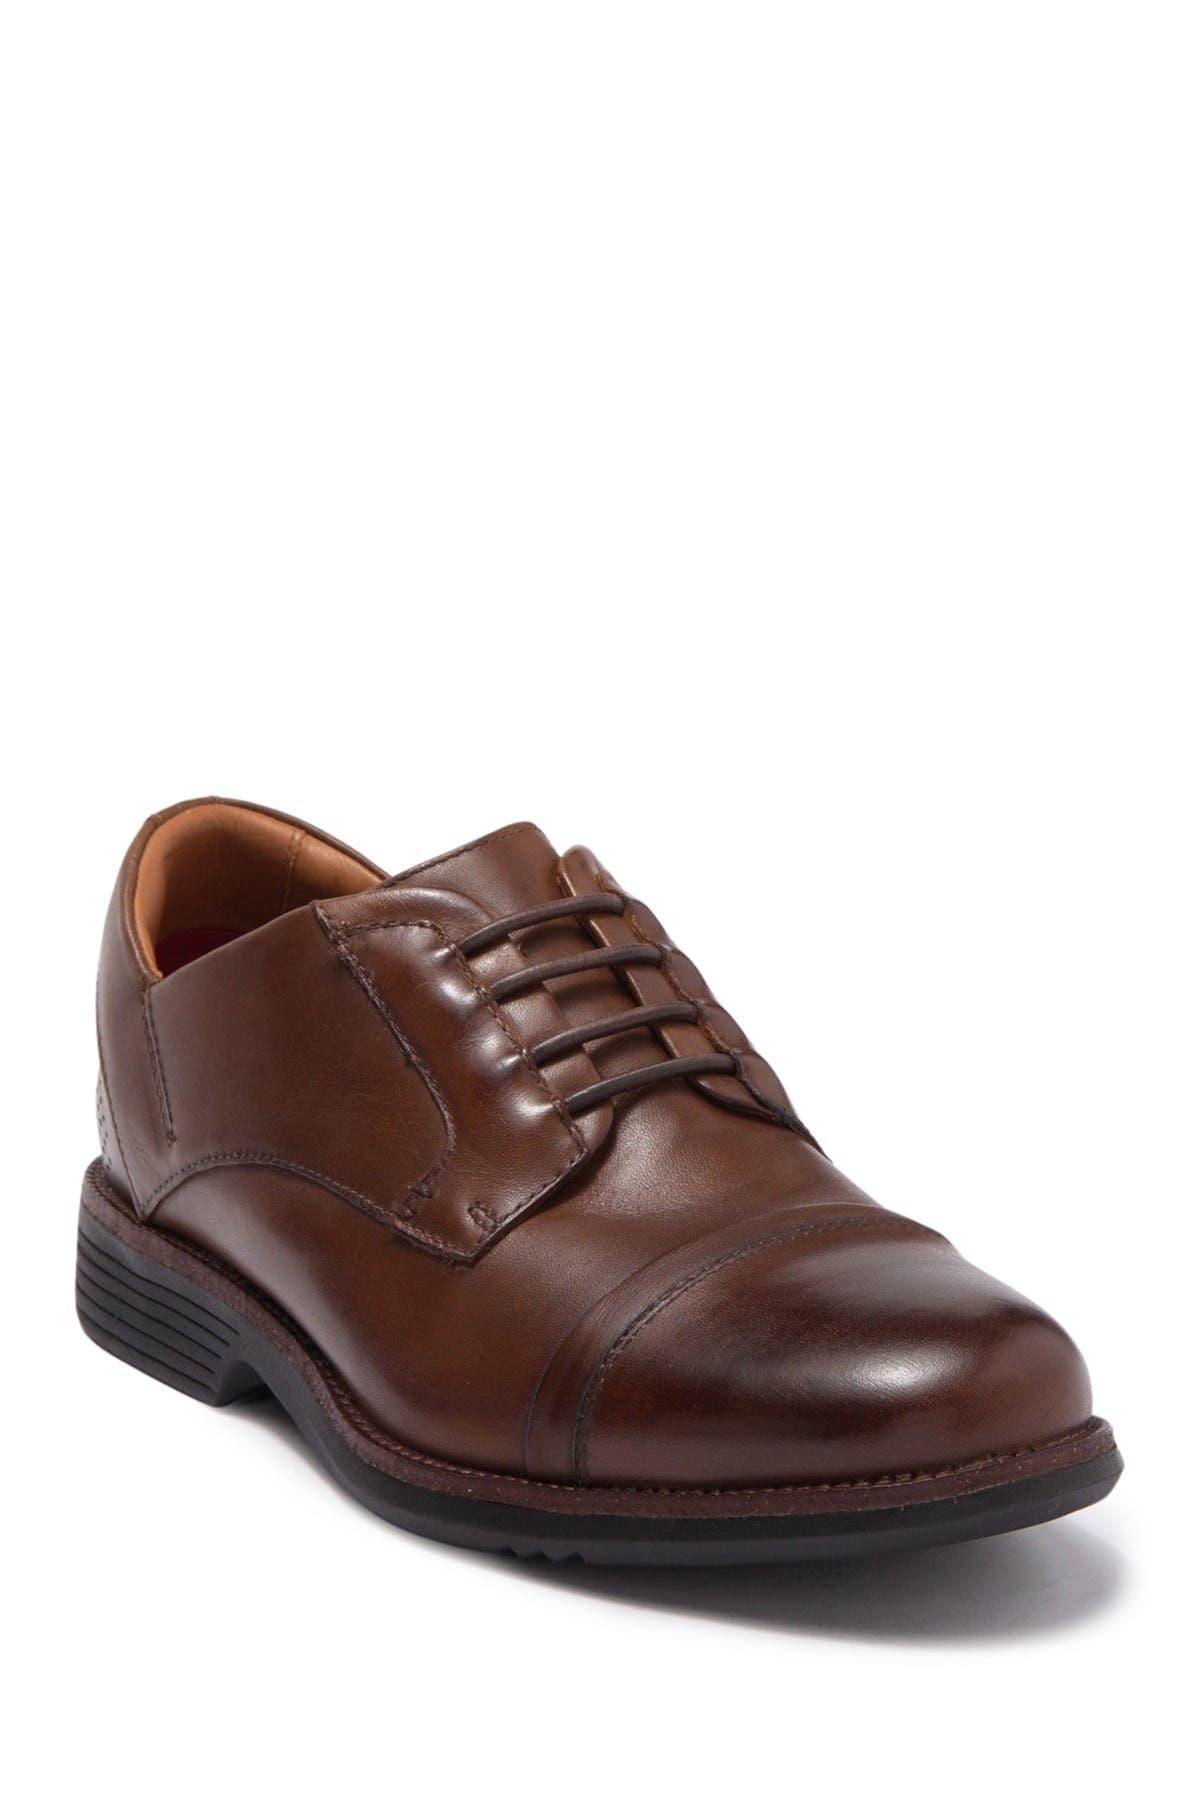 Image of KIZIK Belmont Leather Slip-On Derby